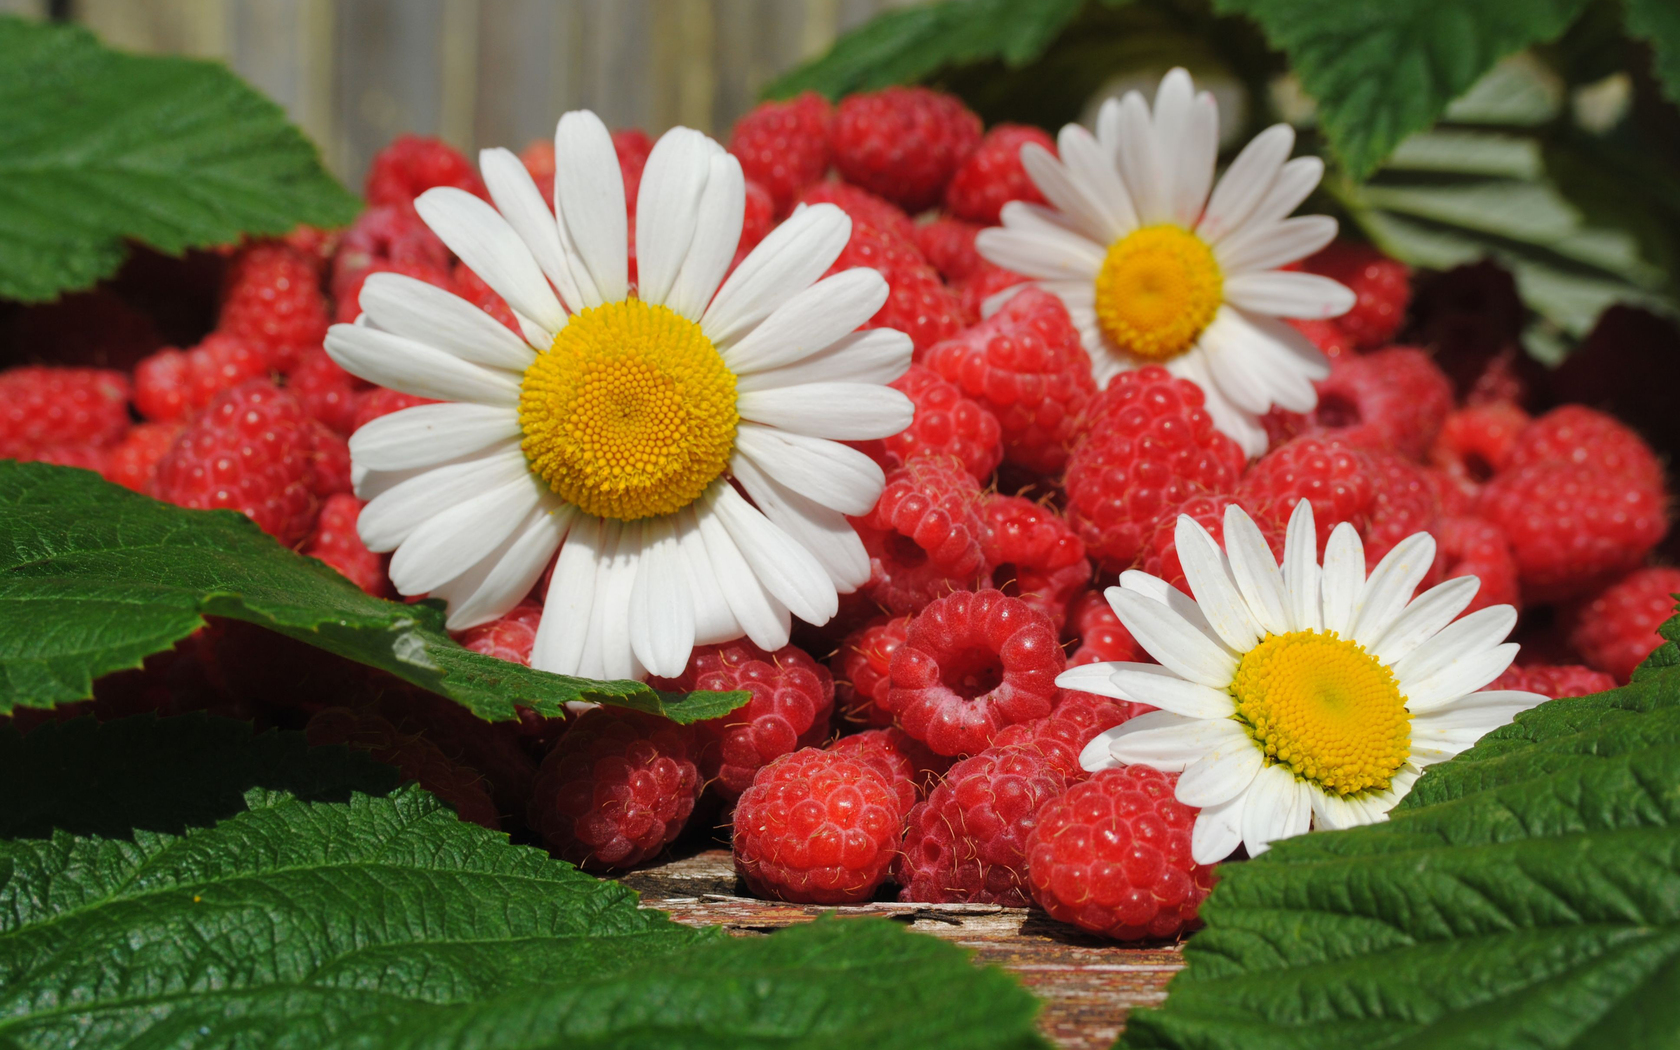 белые ромашки среди ягод малины, скачать фото, обои для рабочего стола